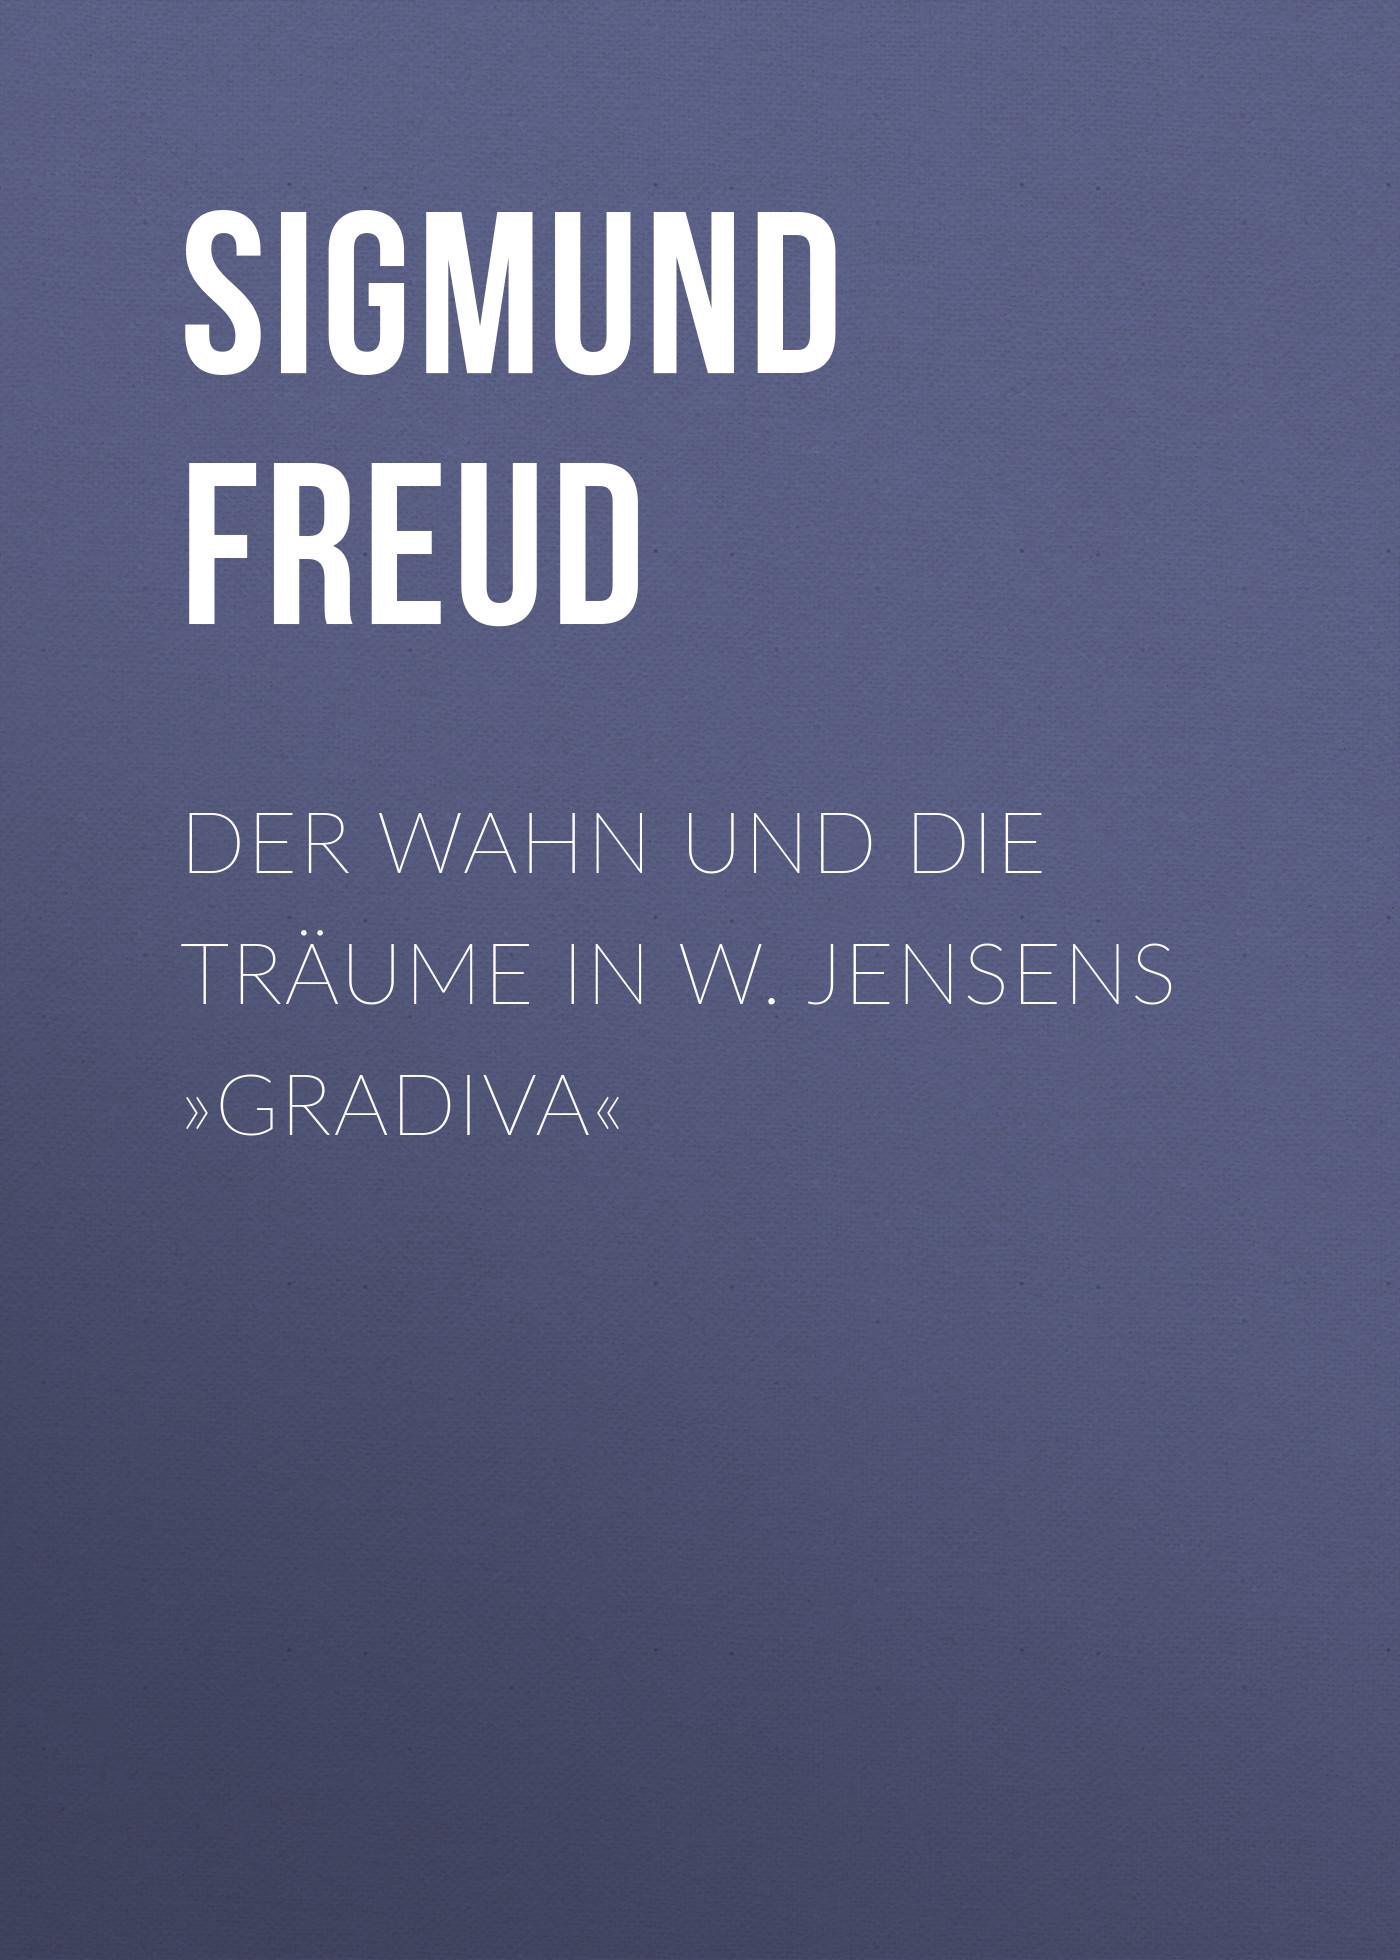 Зигмунд Фрейд Der Wahn und die Träume in W. Jensens »Gradiva« дутики der spur der spur de034amde817